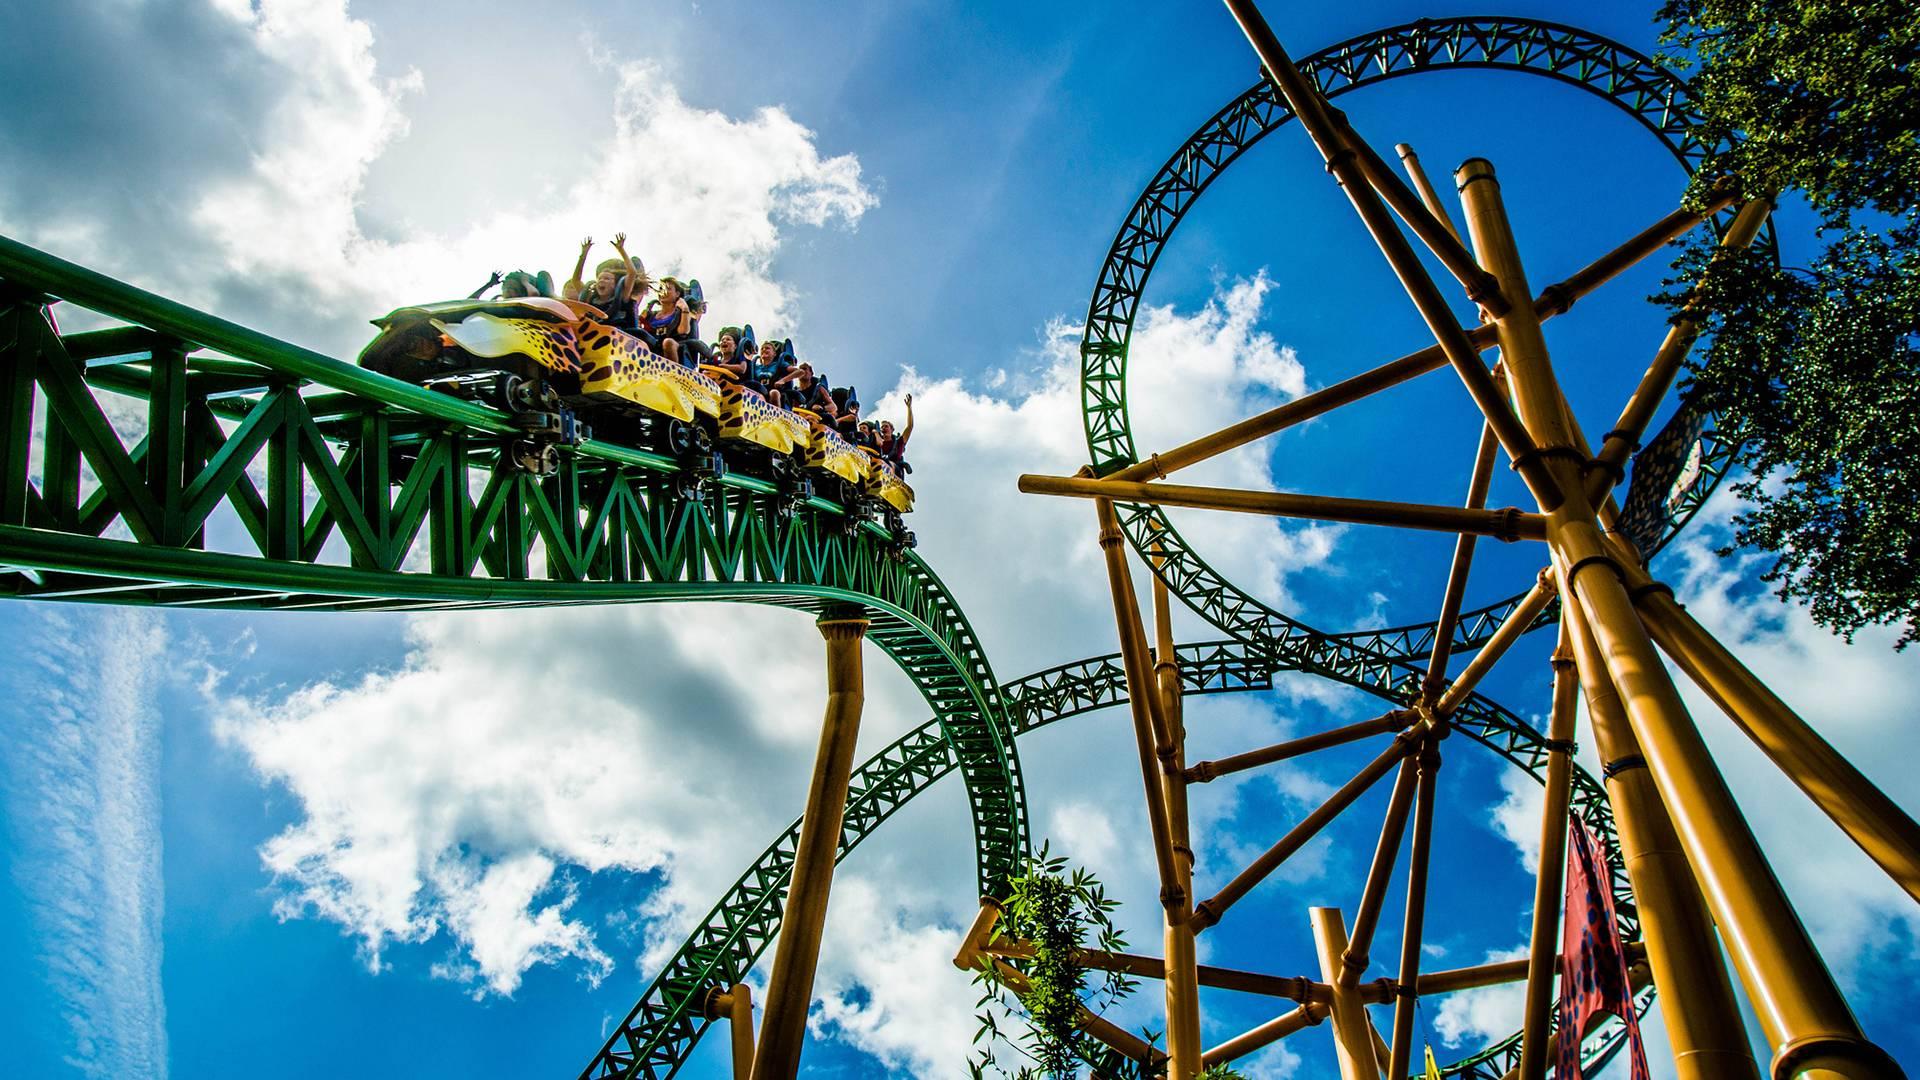 xmas roller coaster hd - photo #4